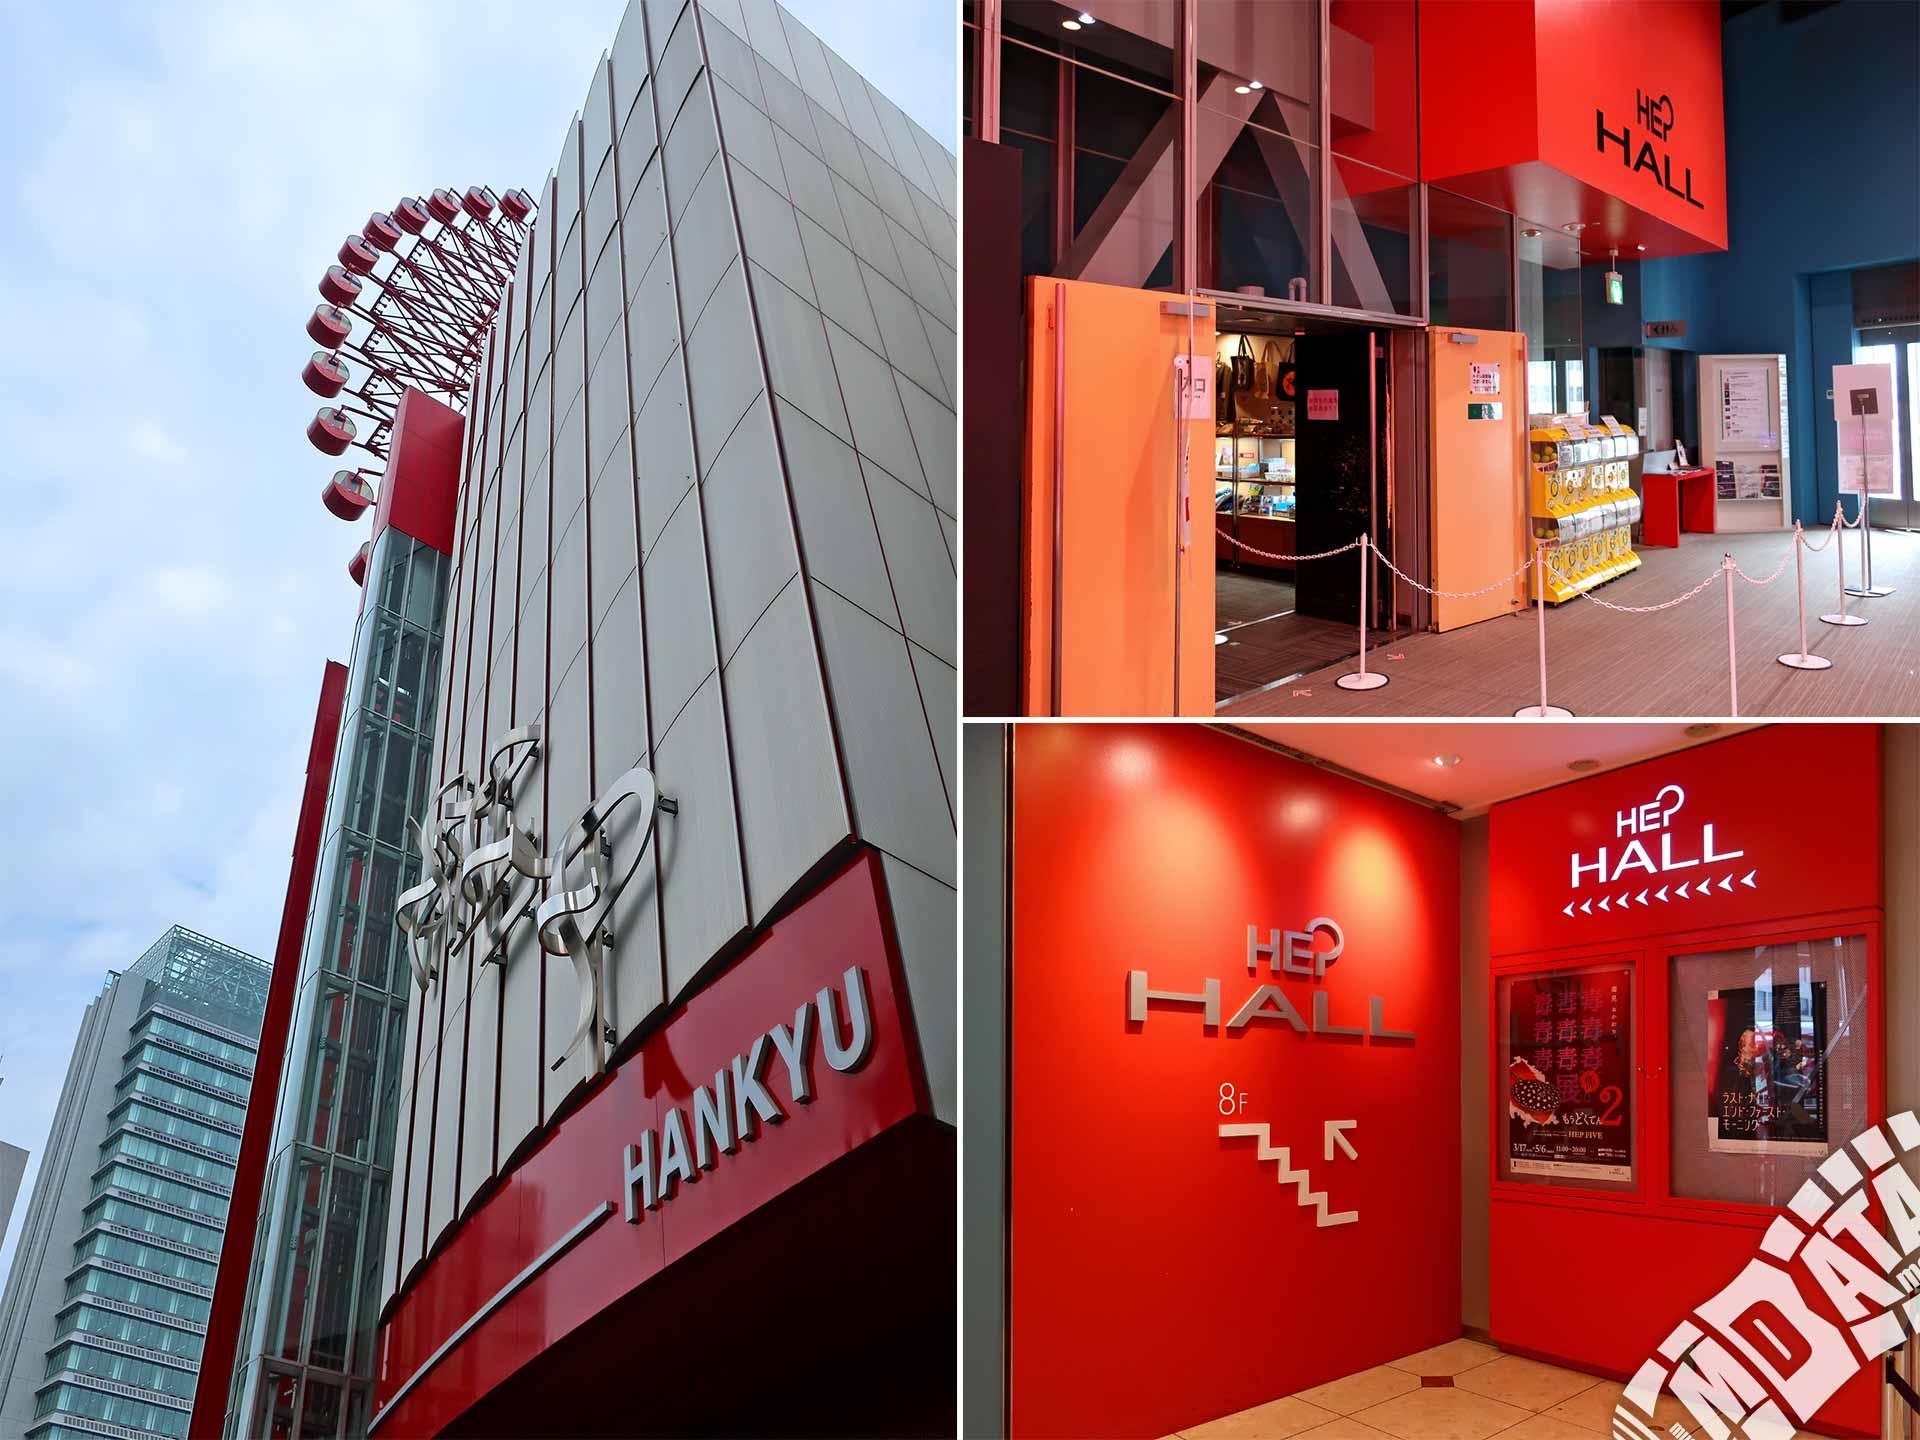 梅田HEP HALL (大阪府 大阪市北...